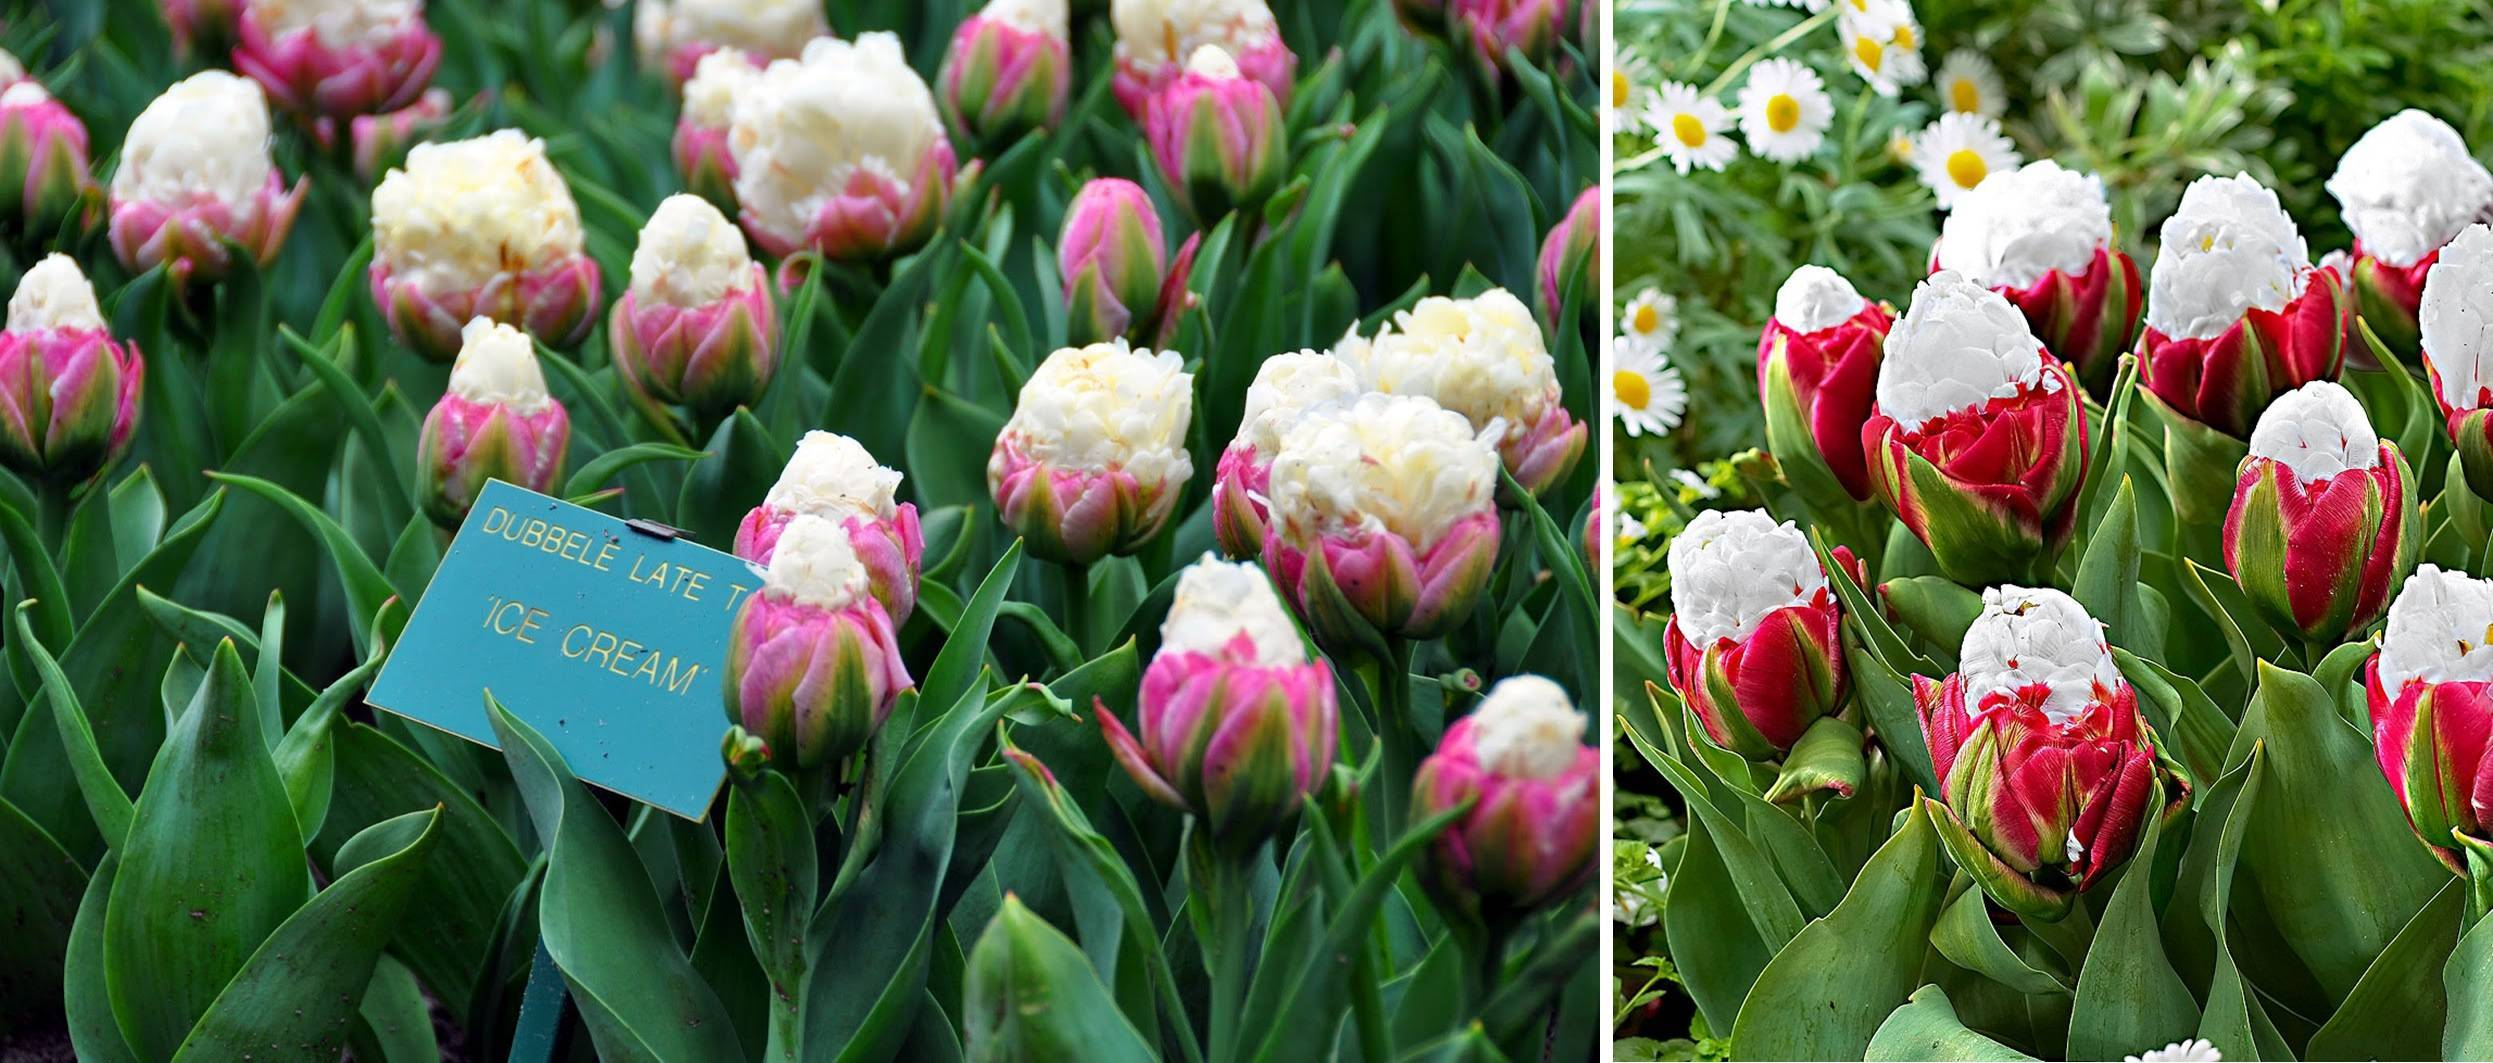 10 лучших сортов тюльпанов для выгонки (названия, фото, описания)